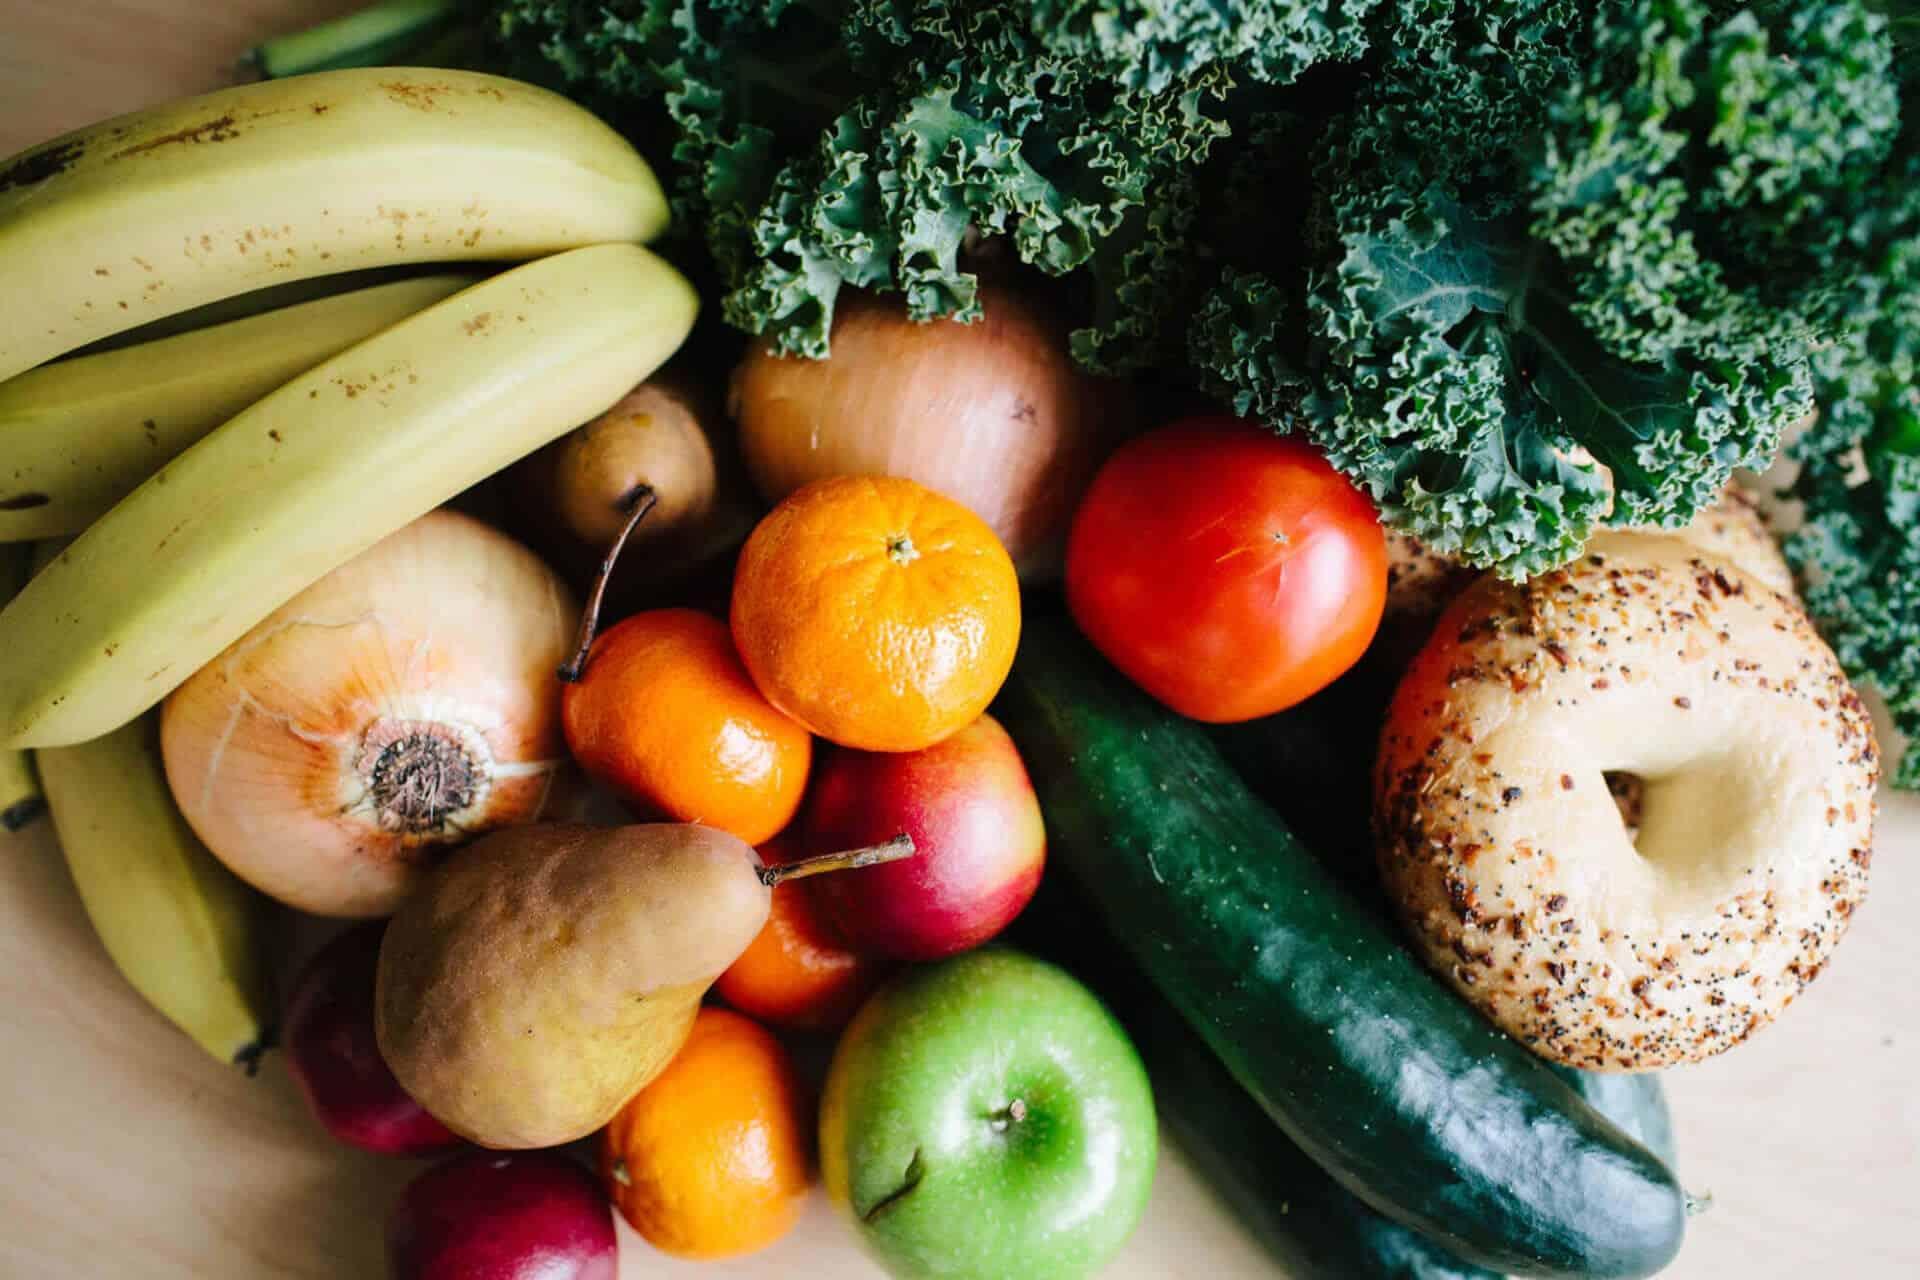 fresh fruit vegetables and bagels at Breakthrough Fresh Market